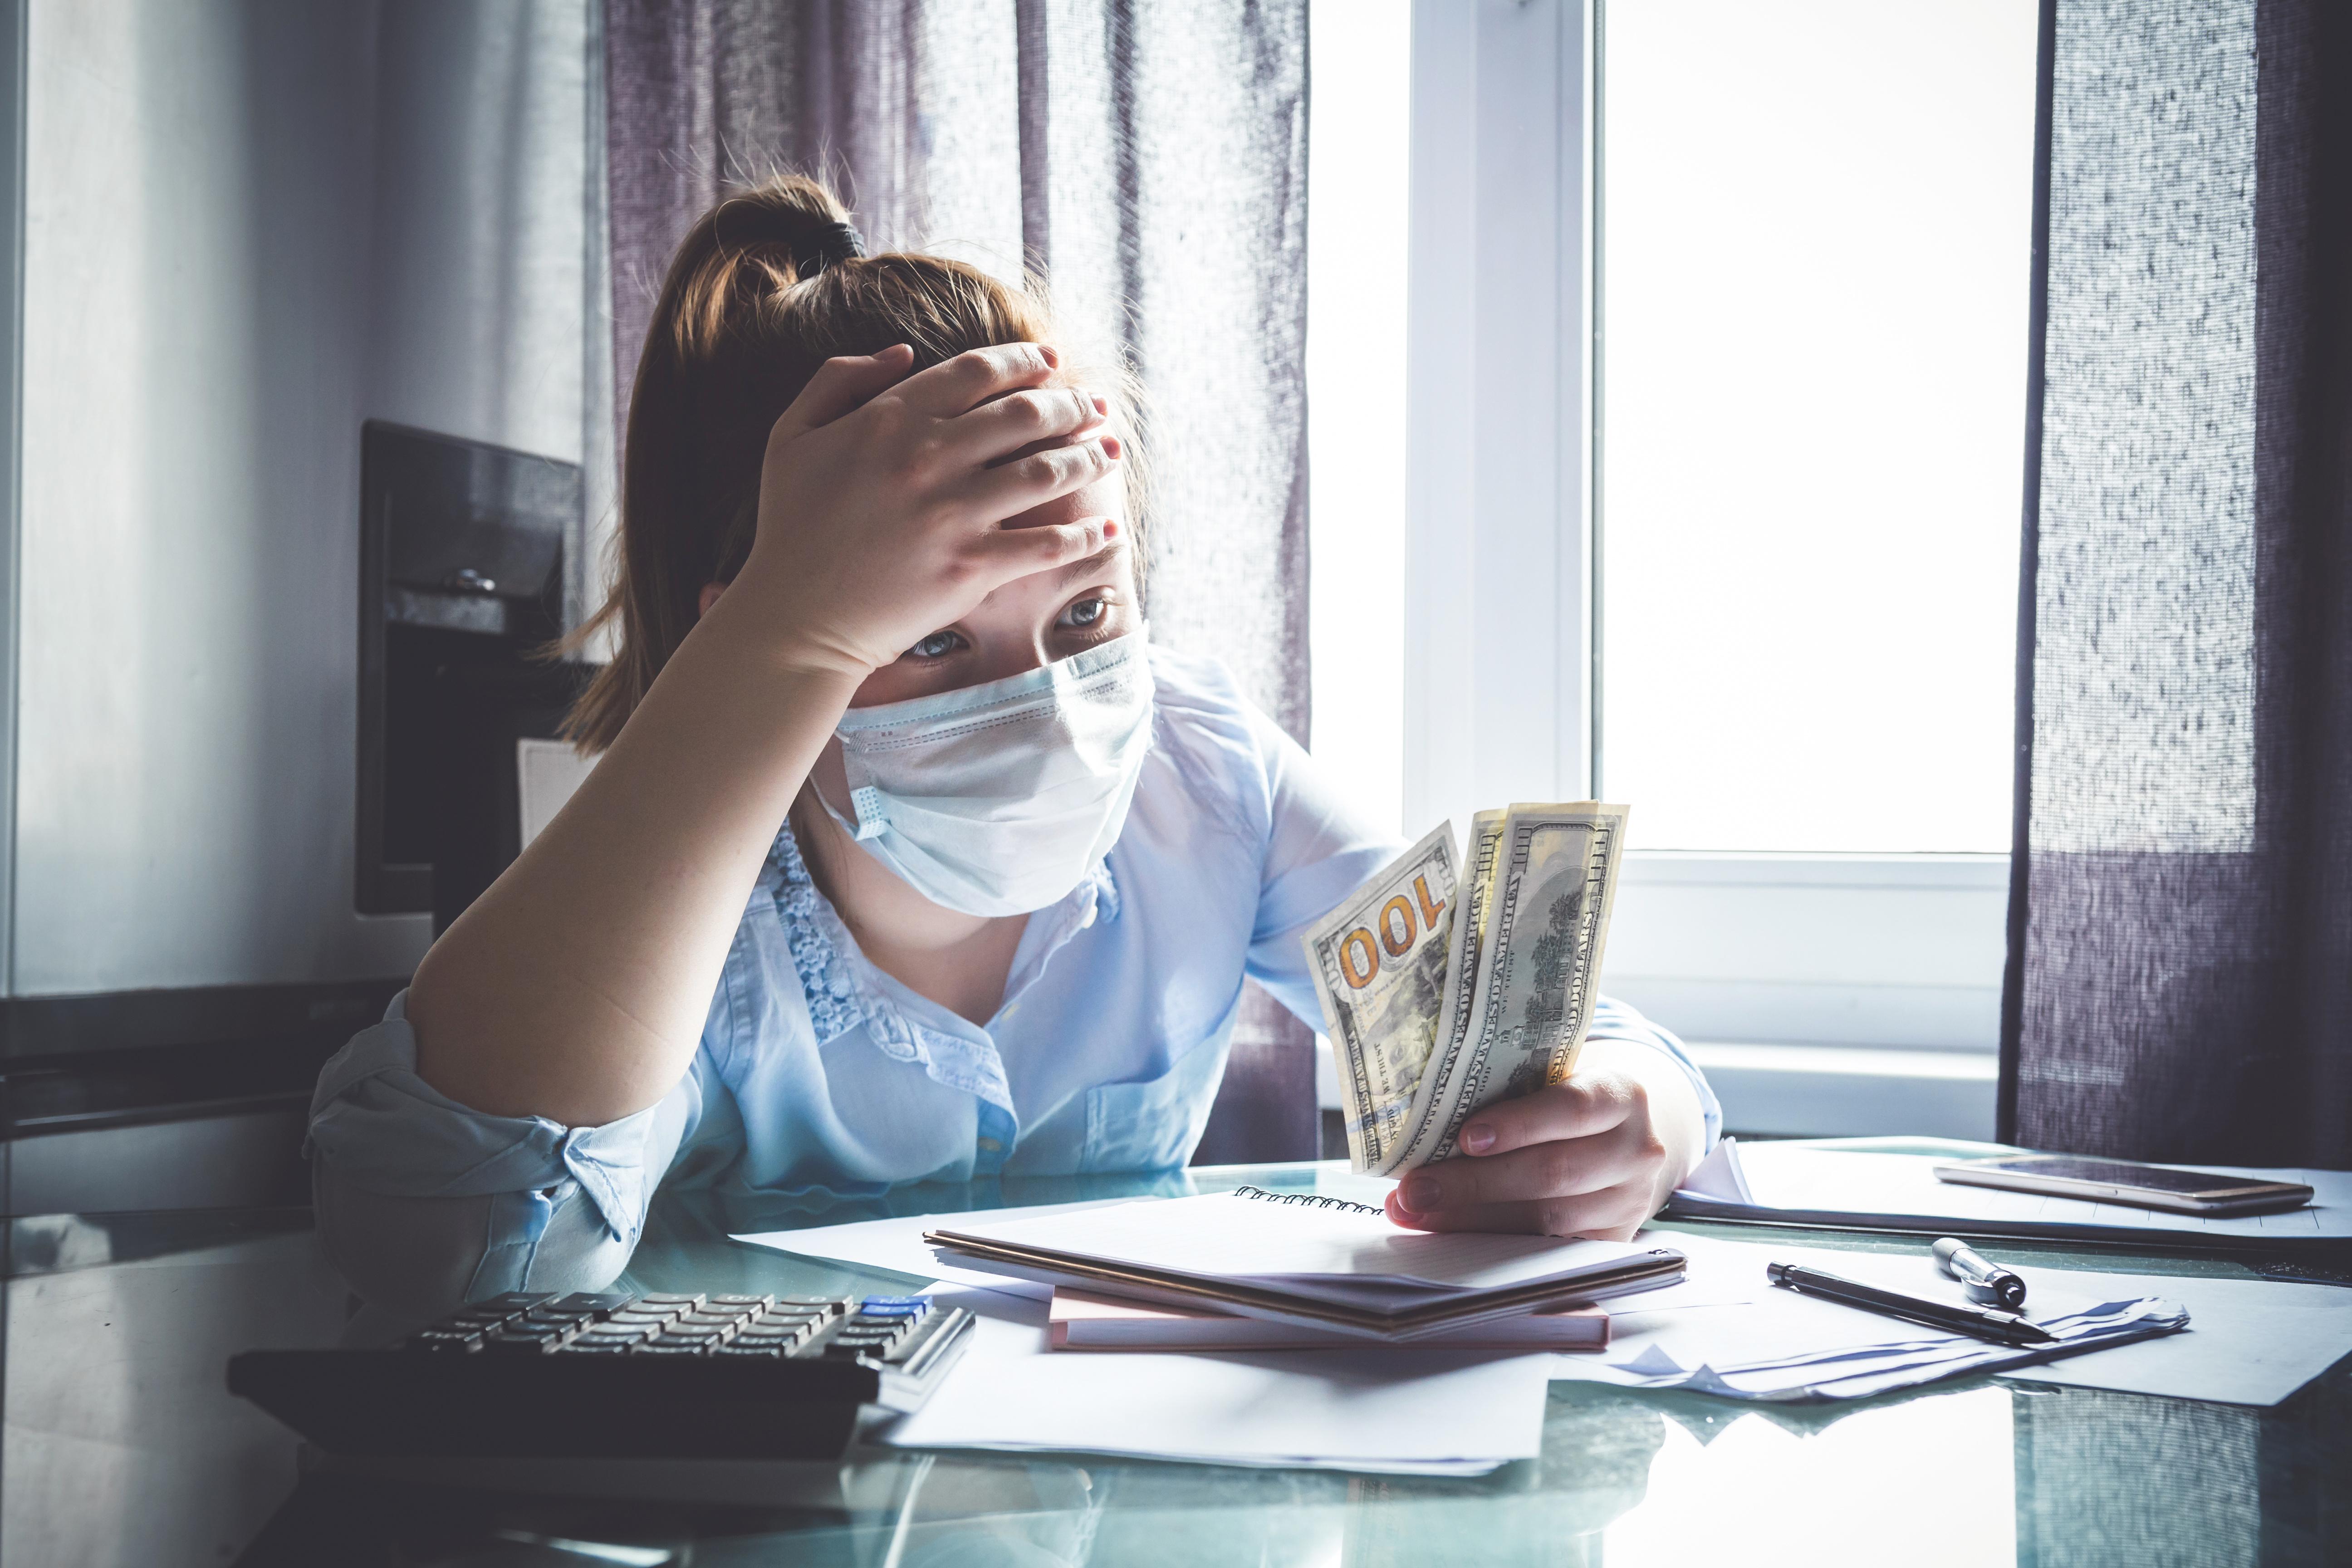 Mädchen macht sich finanzielle Sorgen in Zeiten von Corona